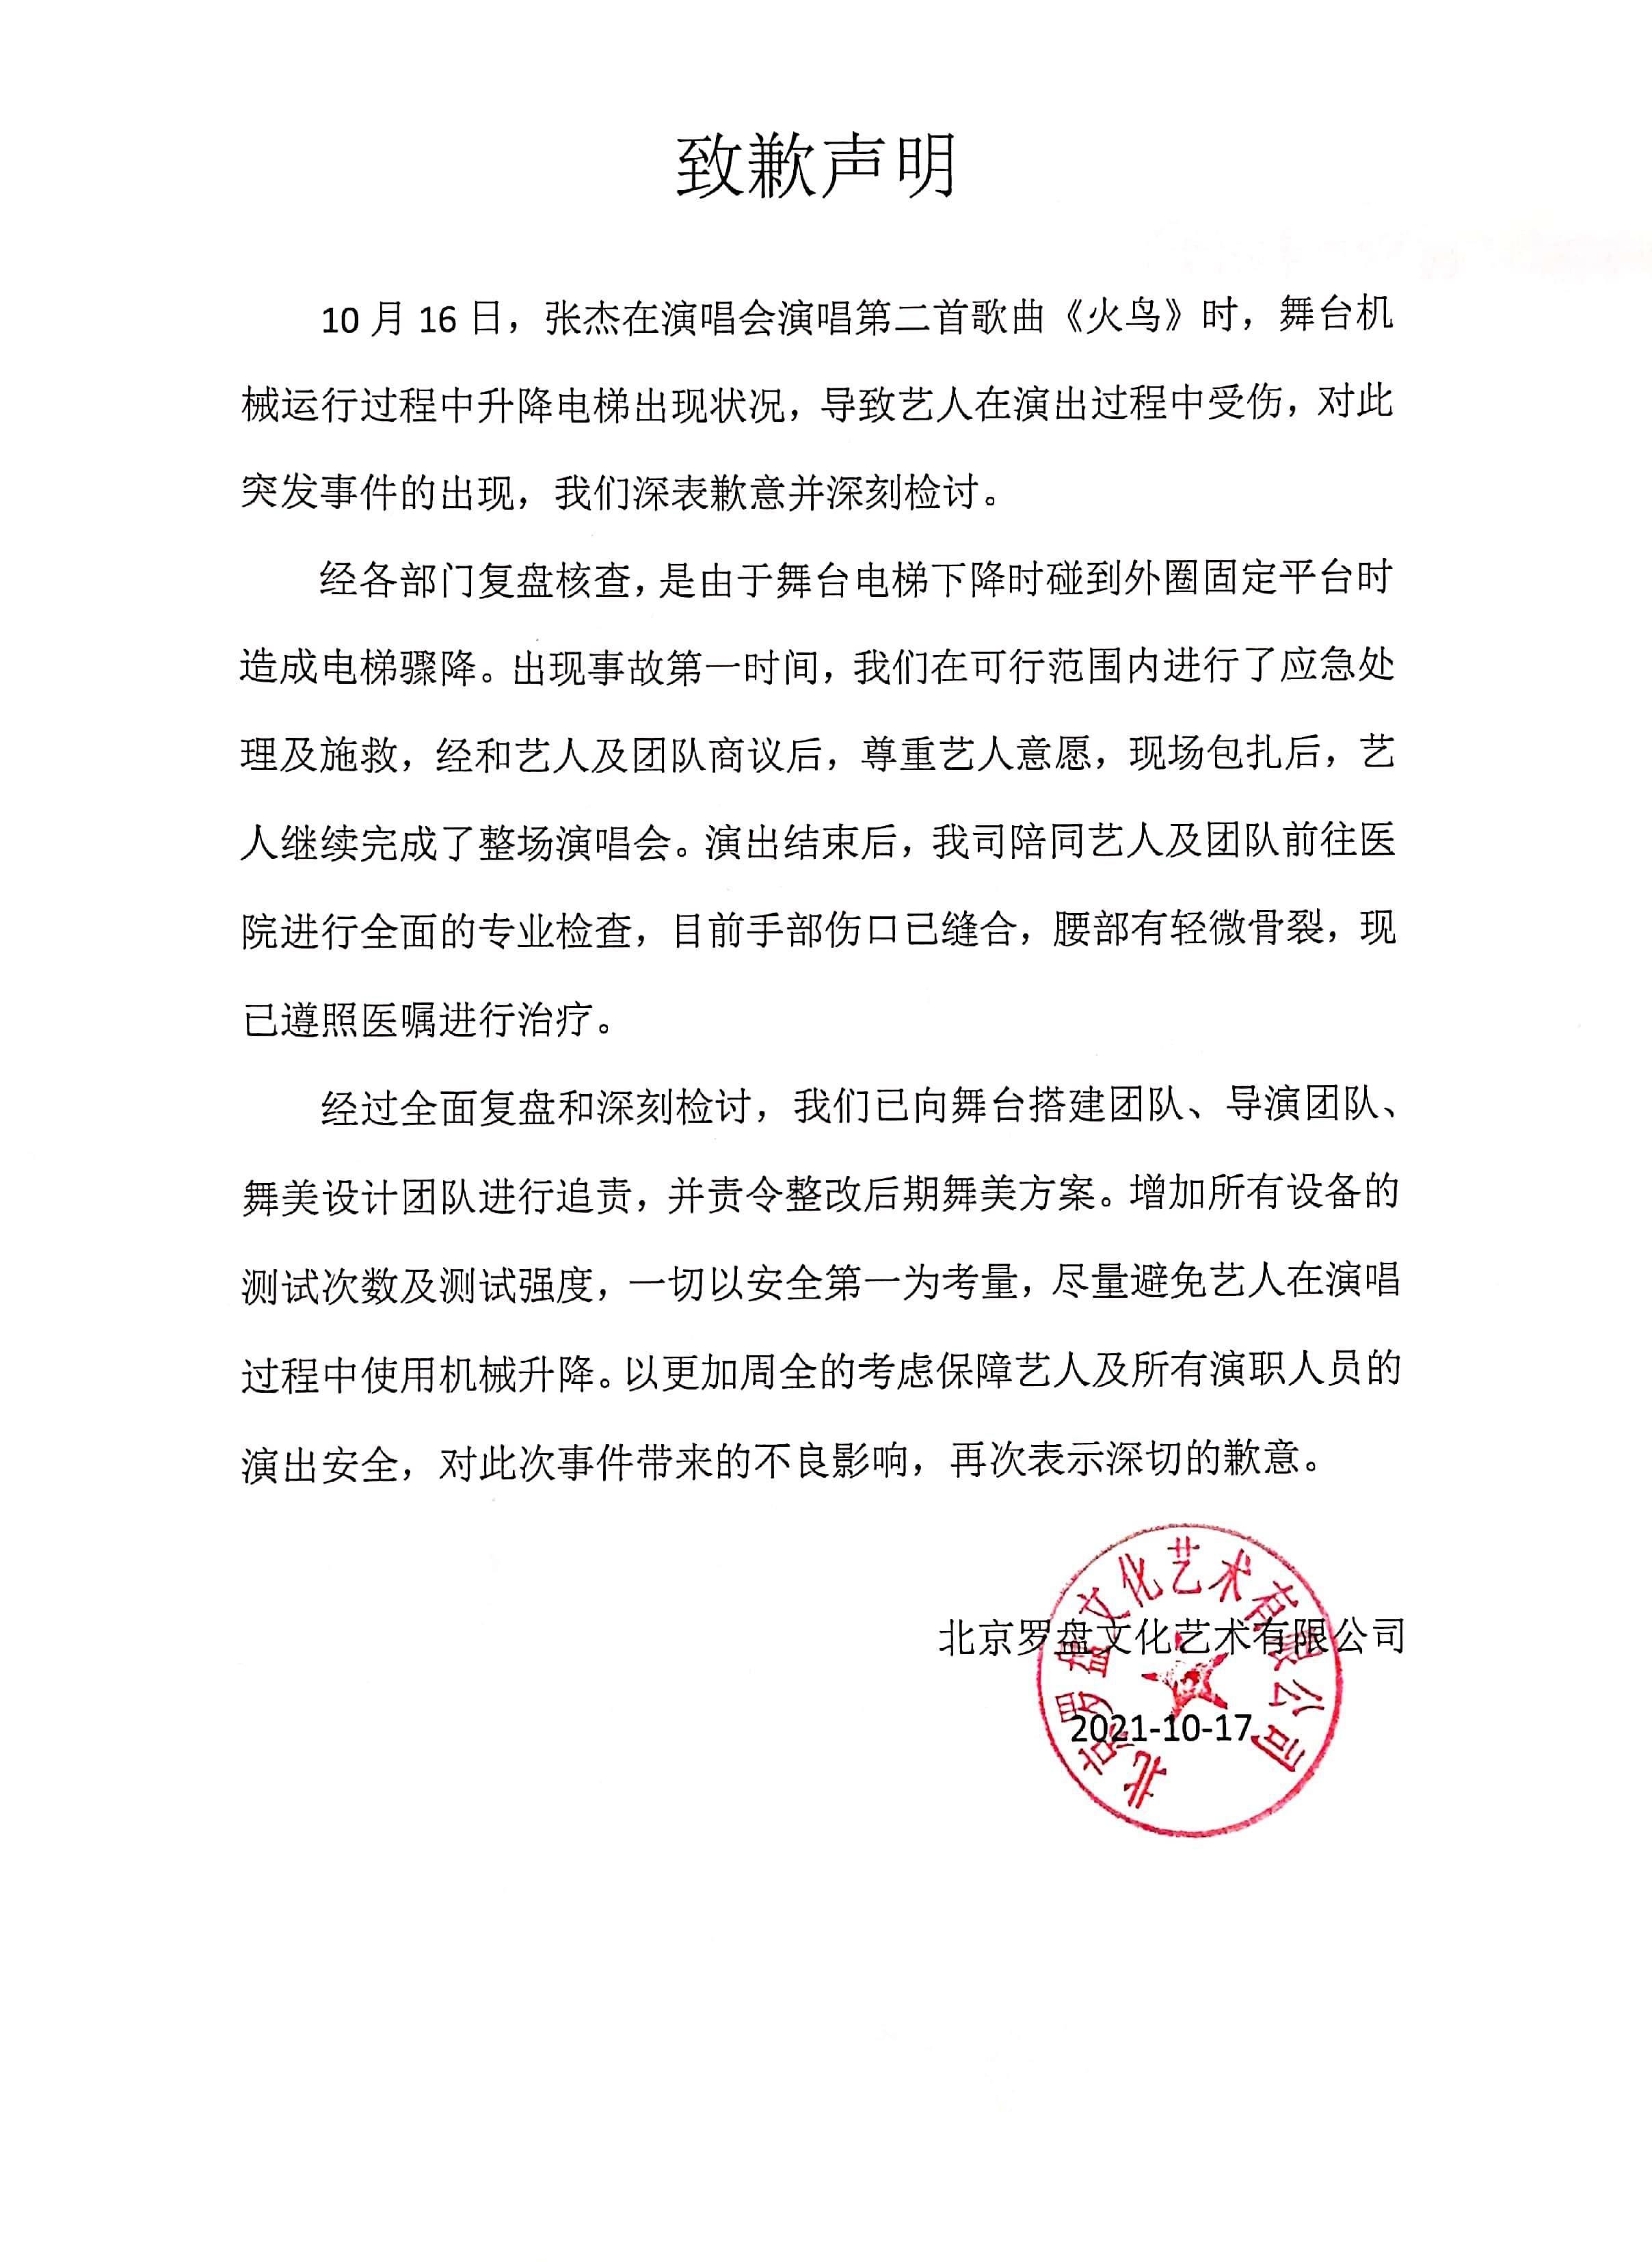 张杰演唱会主办方罗盘文化道歉,已向舞台搭建团队等追责